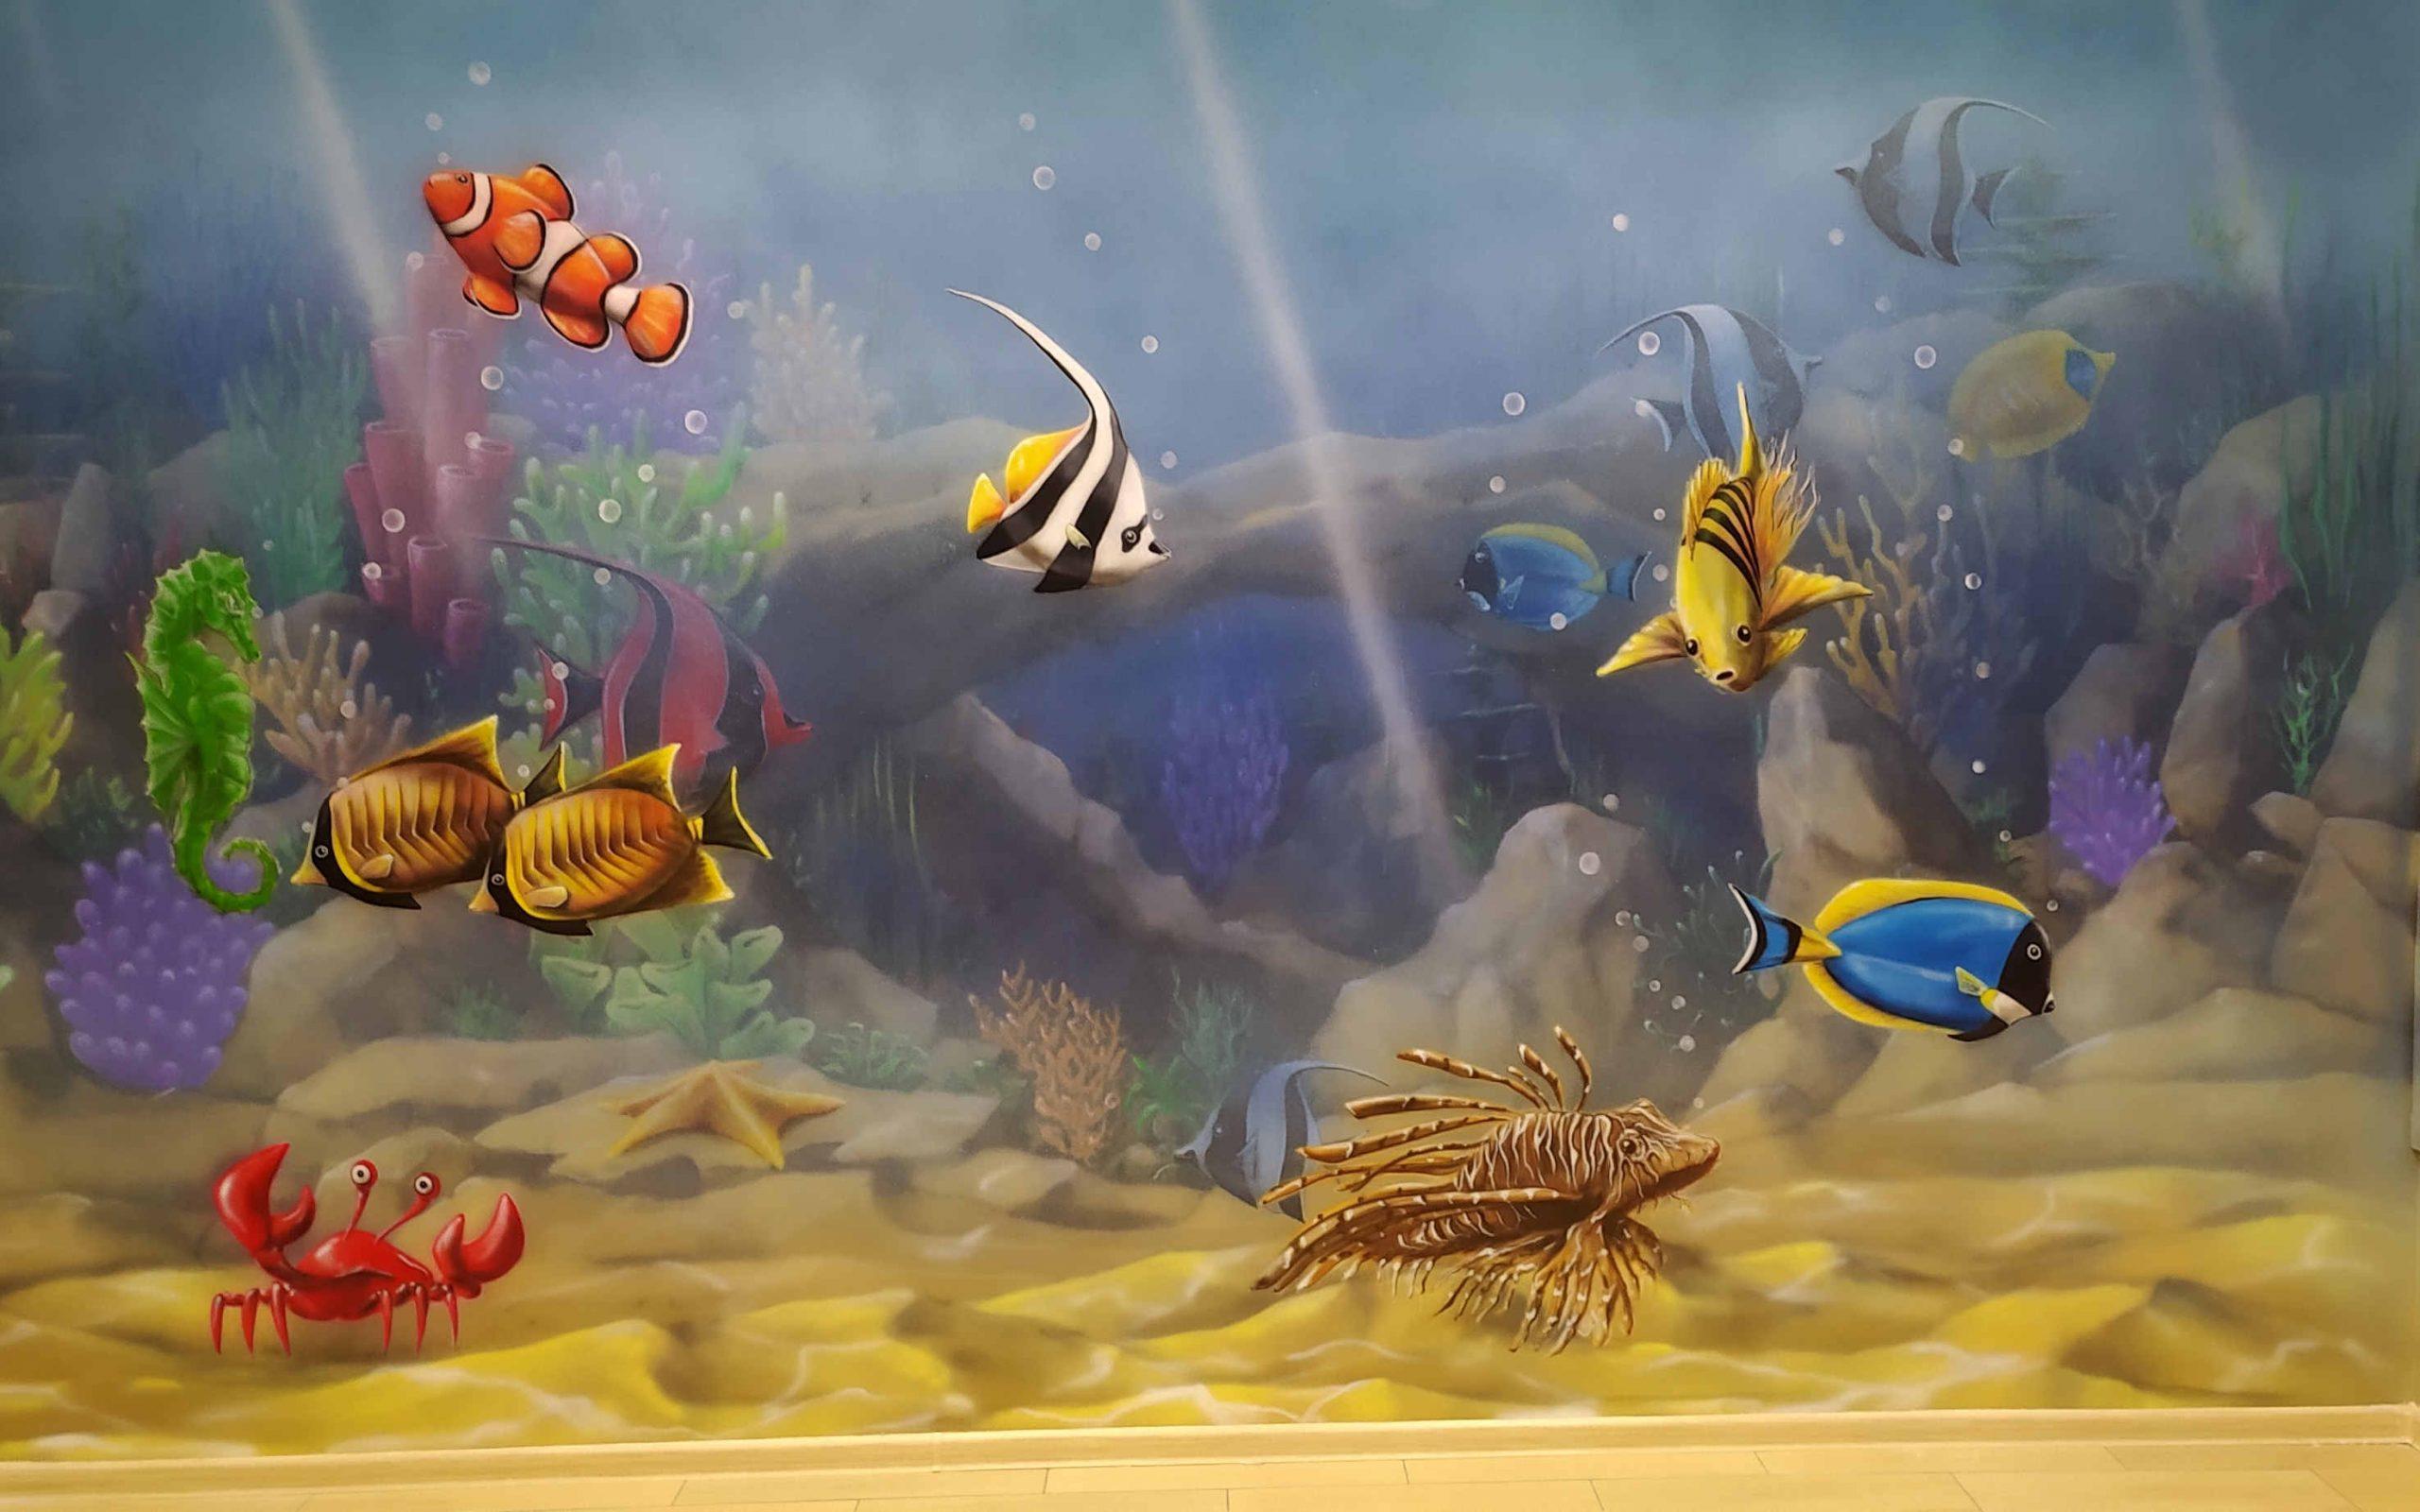 Mural w przychodni dziecięcej, malowanie gabinetu zabiegowego w motyw rafy koralowej